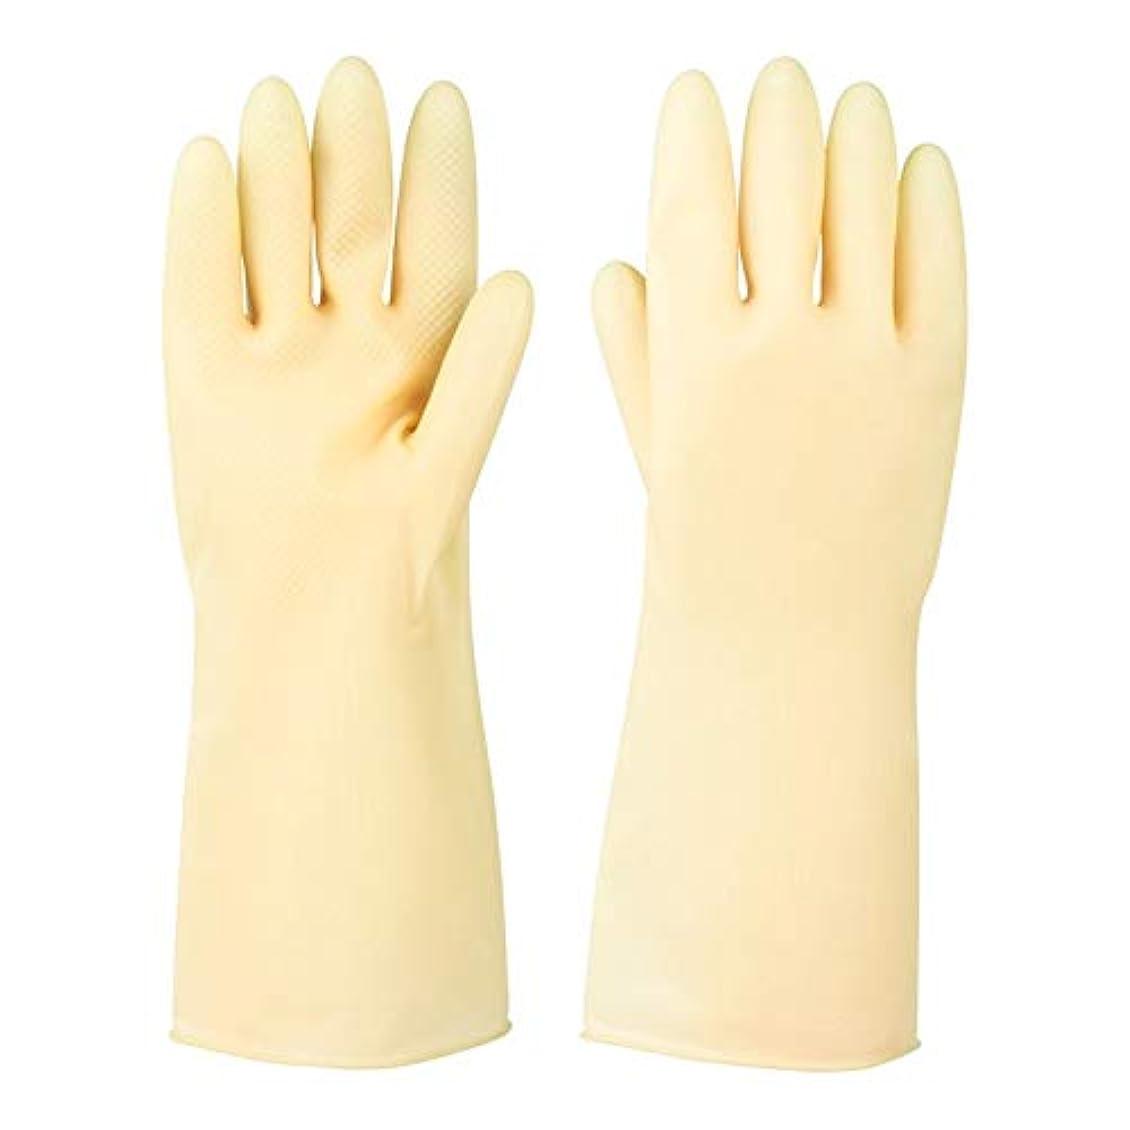 修道院つぼみ定数ニトリルゴム手袋 ラバーレザーグローブ厚めの滑り止め耐摩耗性防水保護手袋、5ペア 使い捨て手袋 (Color : 5 pair, Size : S)